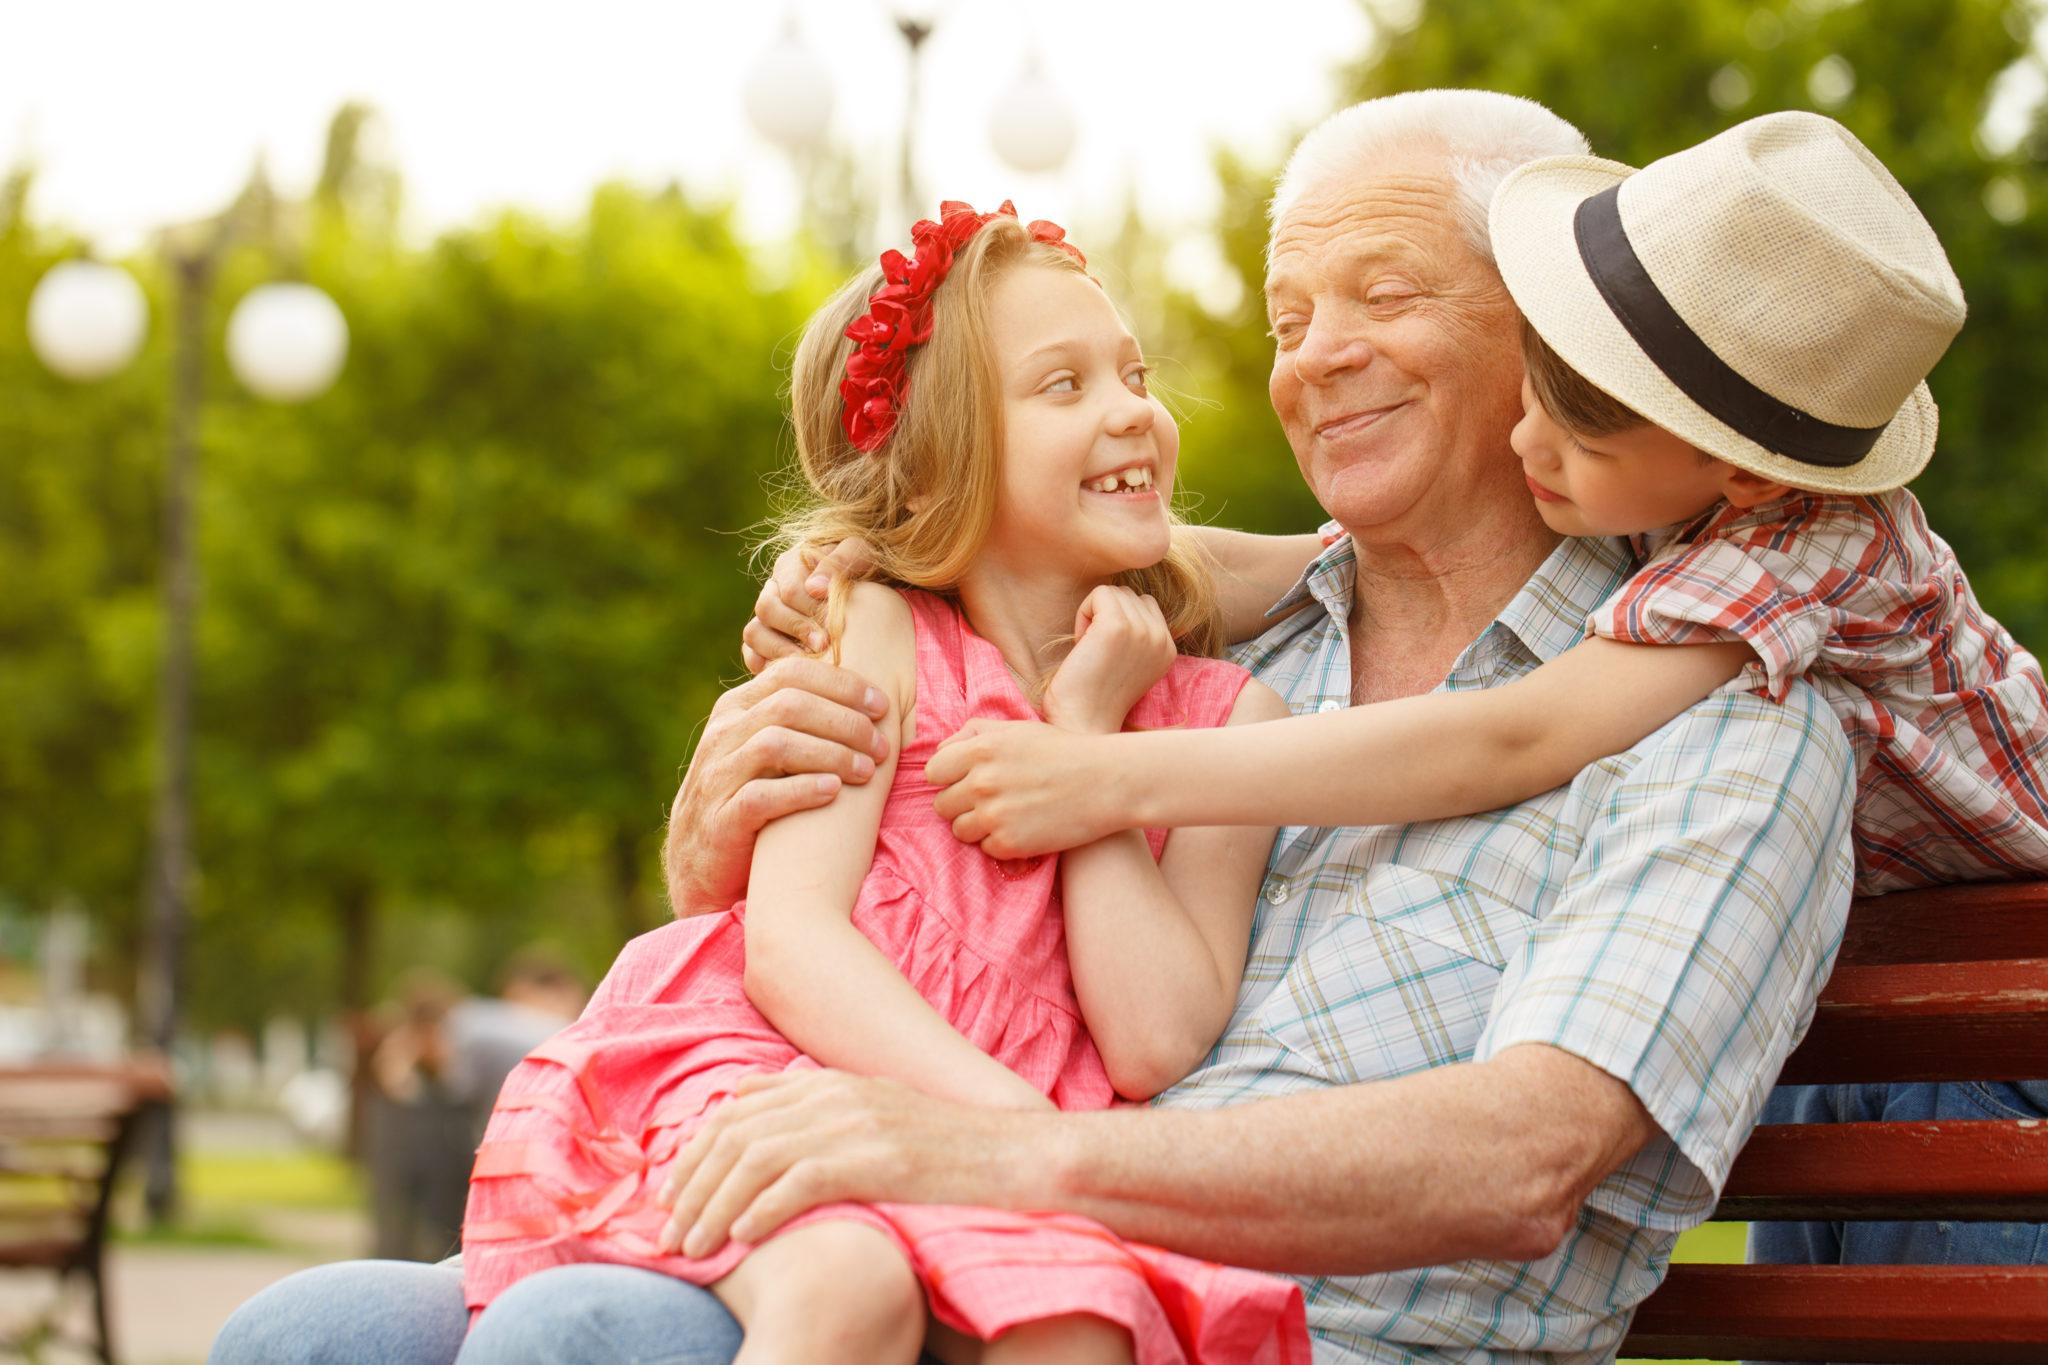 Seniors en vacances petits enfants heureux été canicule - Bazile Telecom